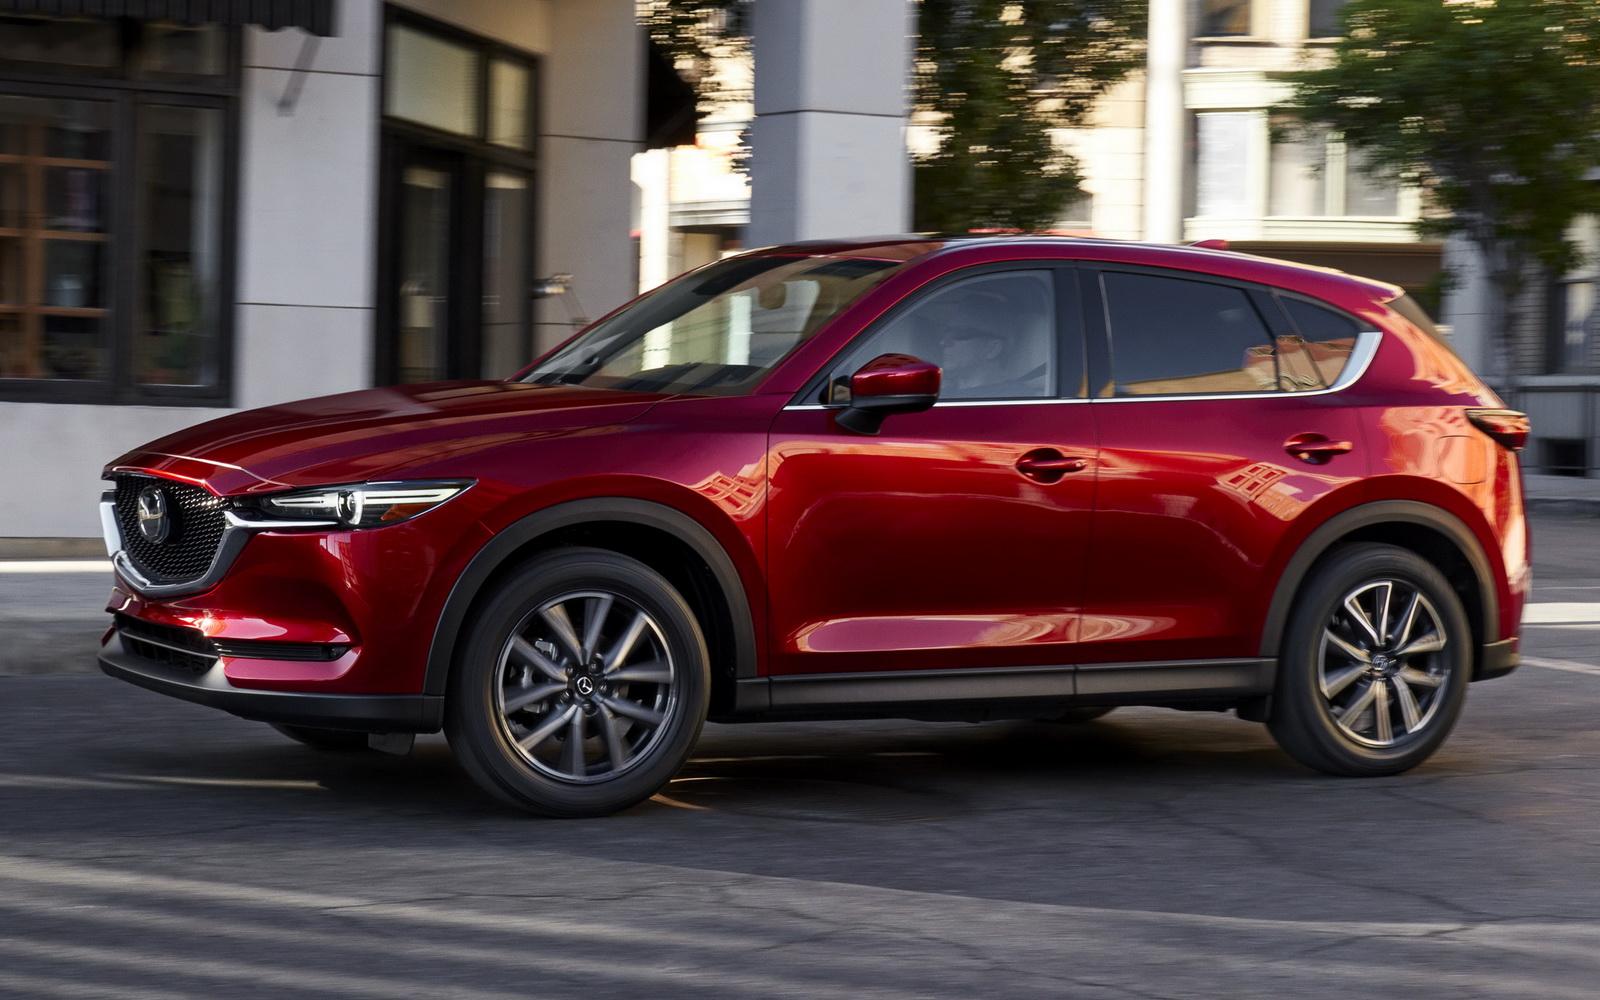 Nouveau Mazda CX-5 2018 : un SUV plus économique en ...